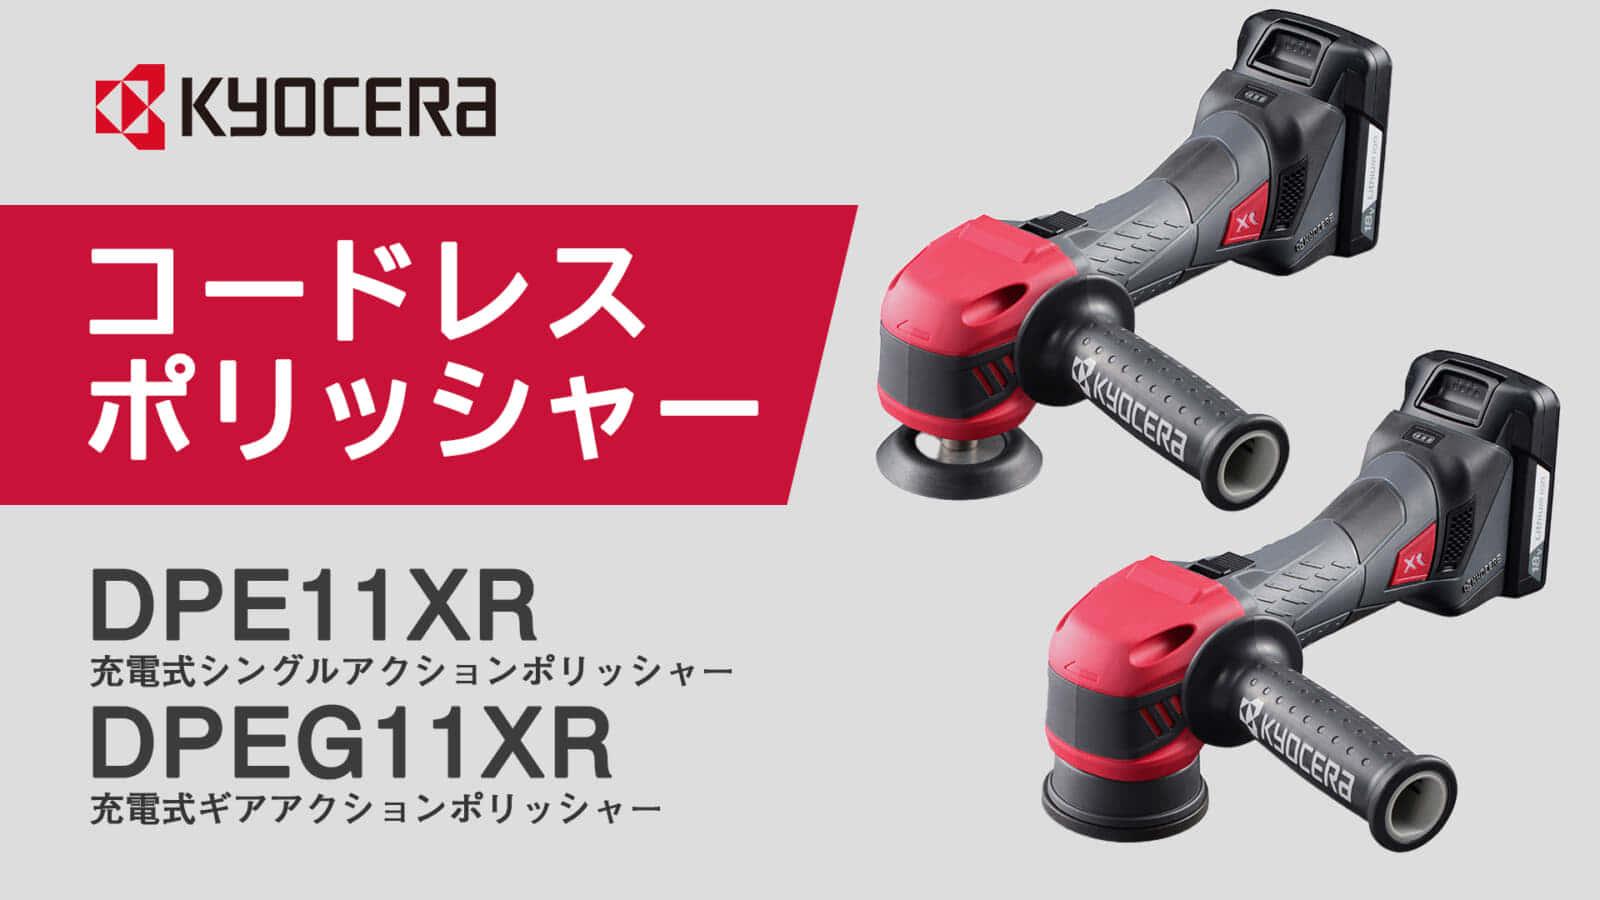 京セラインダストリアルツールズ 18V充電式ポリッシャー2機種を発売